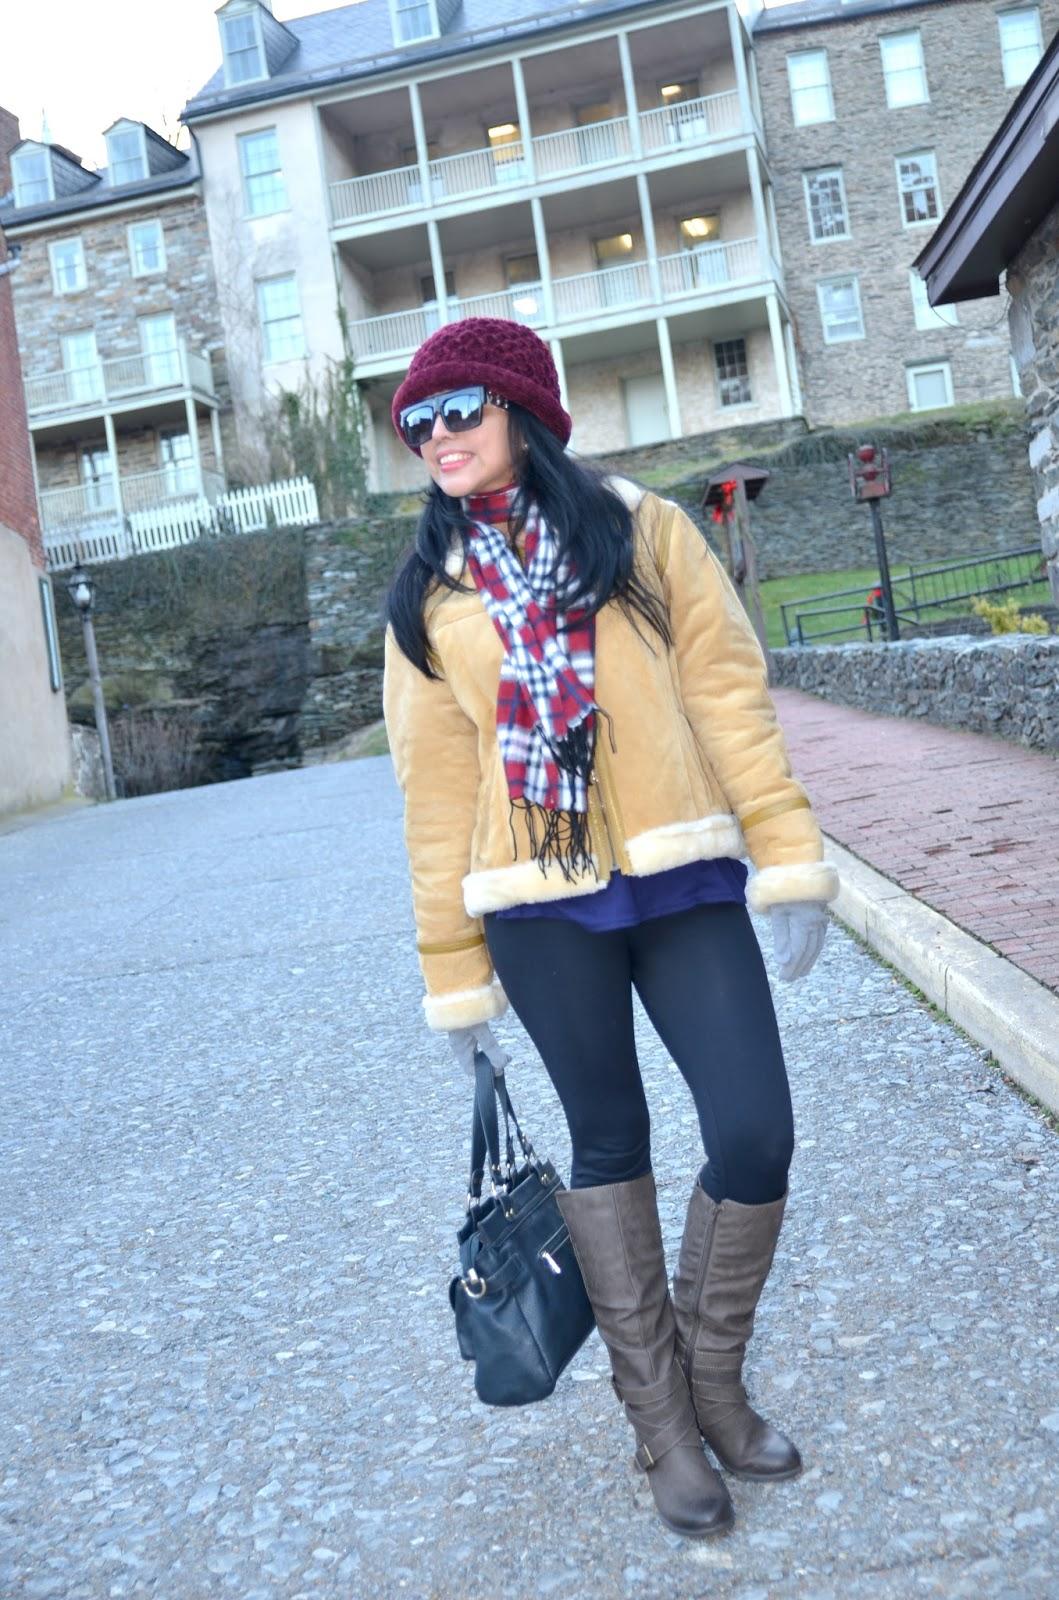 Cuadros, Leggings y un Sombrero